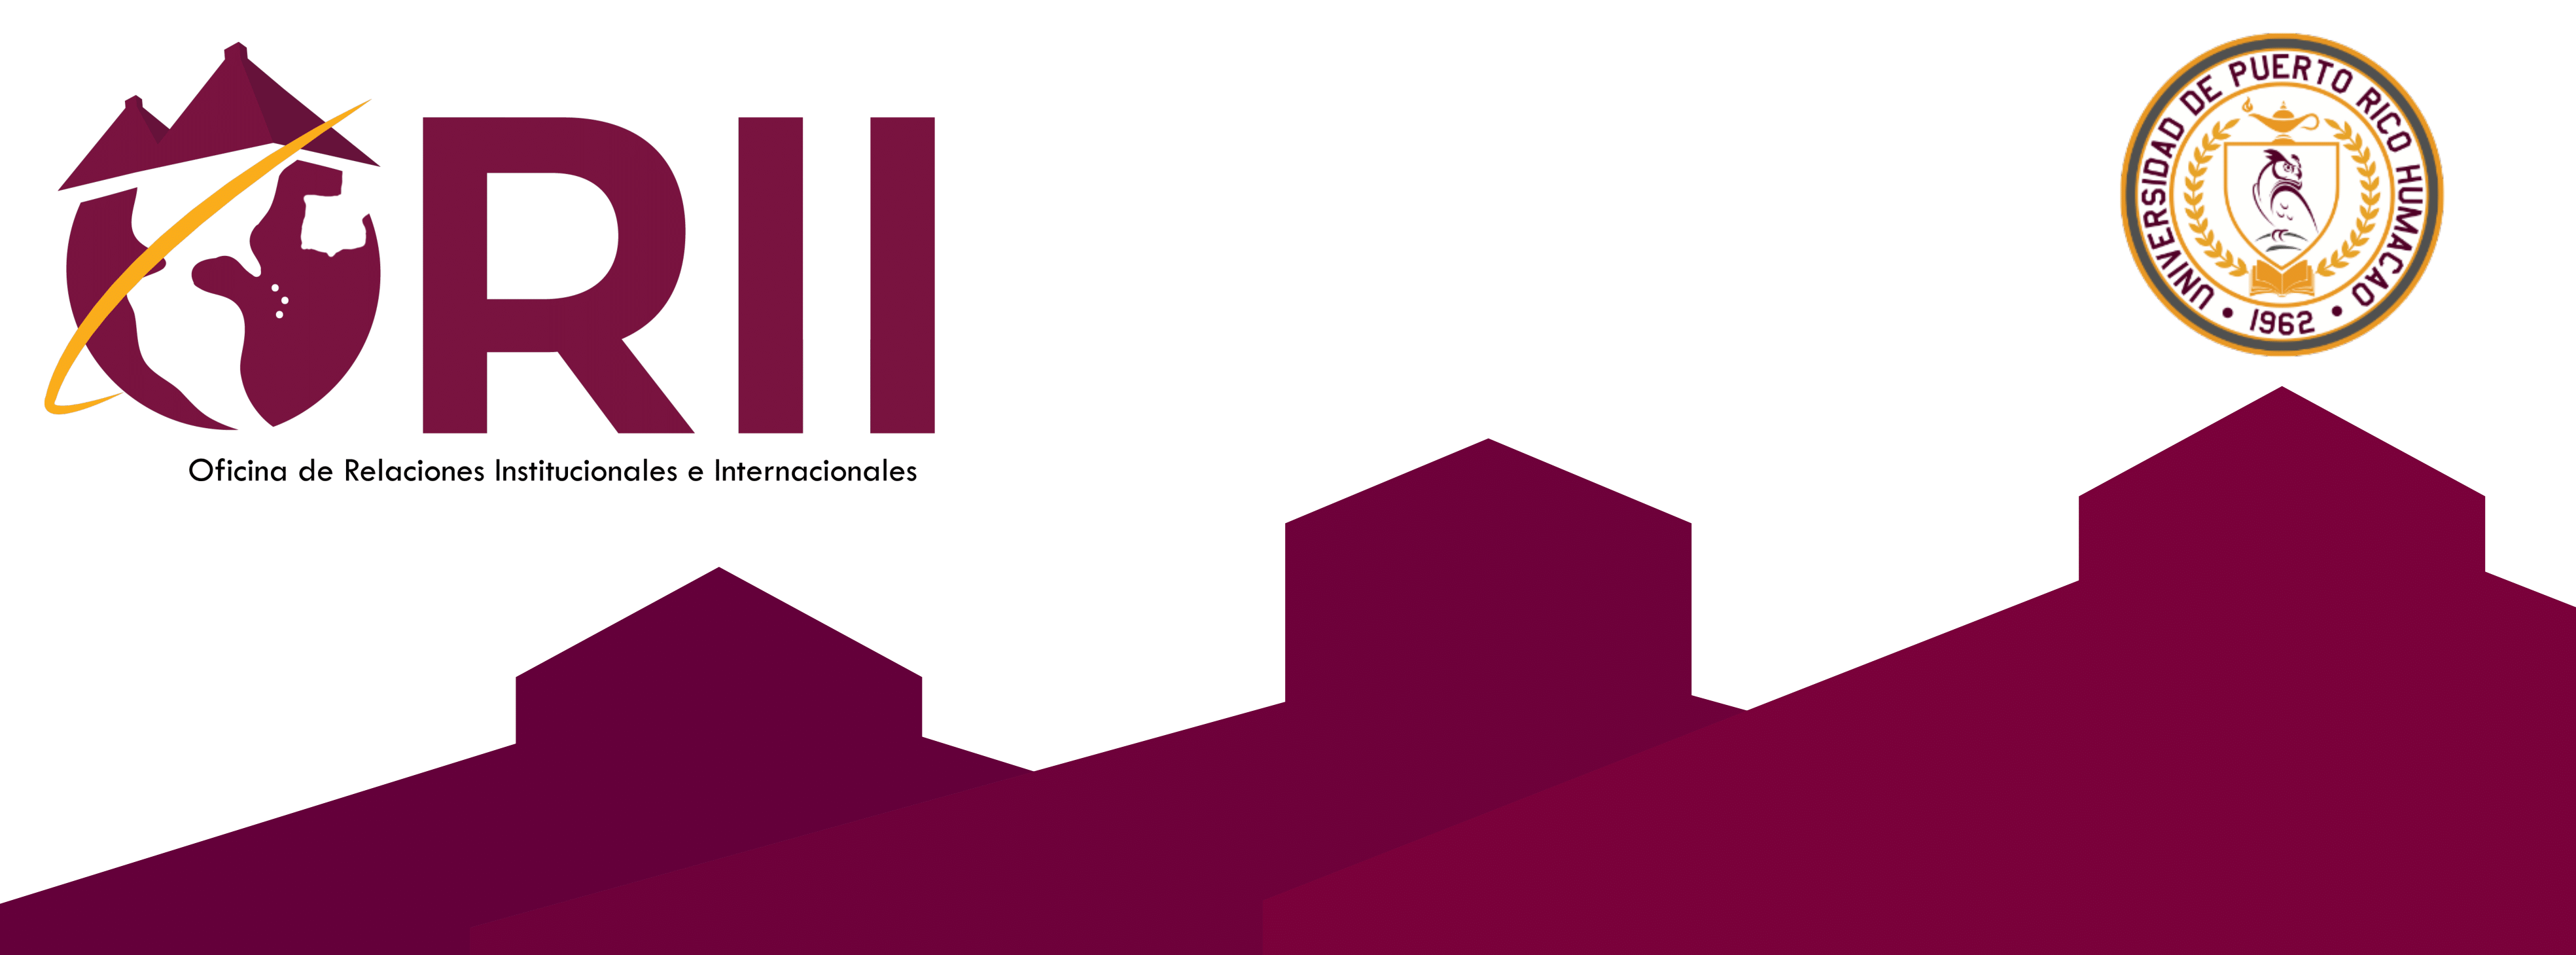 Banner de la Oficina de Relaciones Institucionales e Internacionales